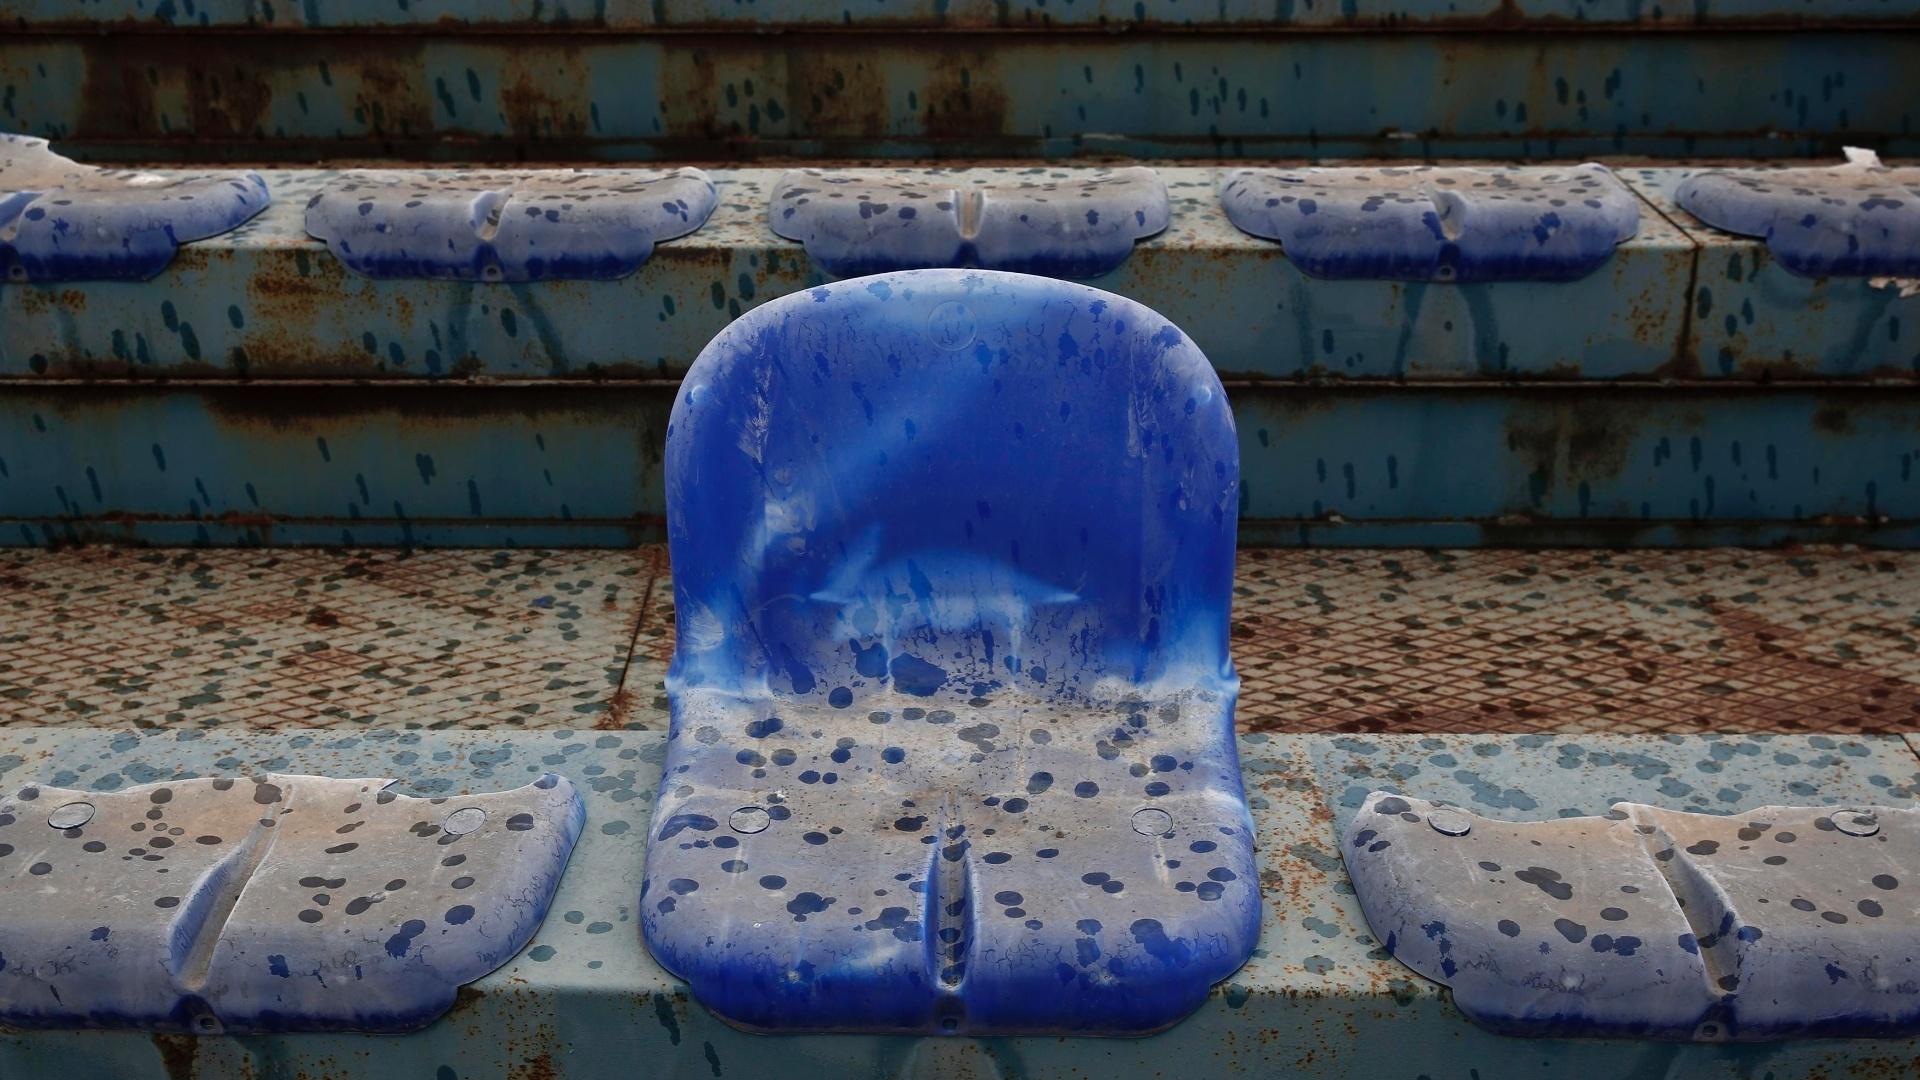 07.jul.2014 - Foto mostra cadeira quebrada no abandonado estádio que recebeu jogos de beisebol na Olimpíada de Atenas em 2004